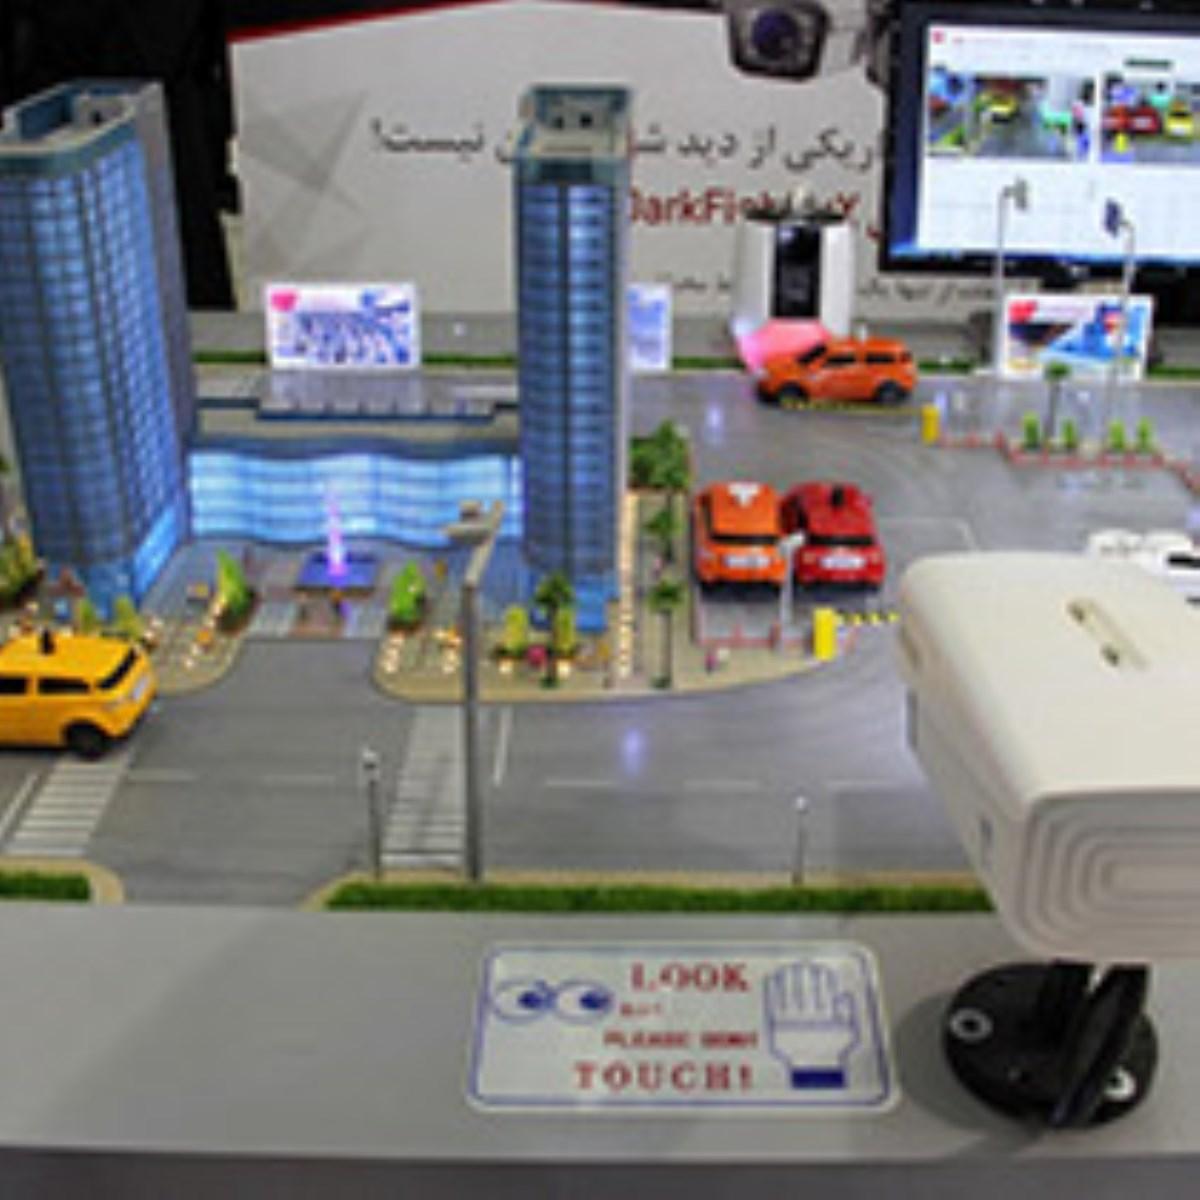 گزارش تصویری / شانزدهمین نمایشگاه بین المللی لوازم و تجهیزات پلیسی امنیتی